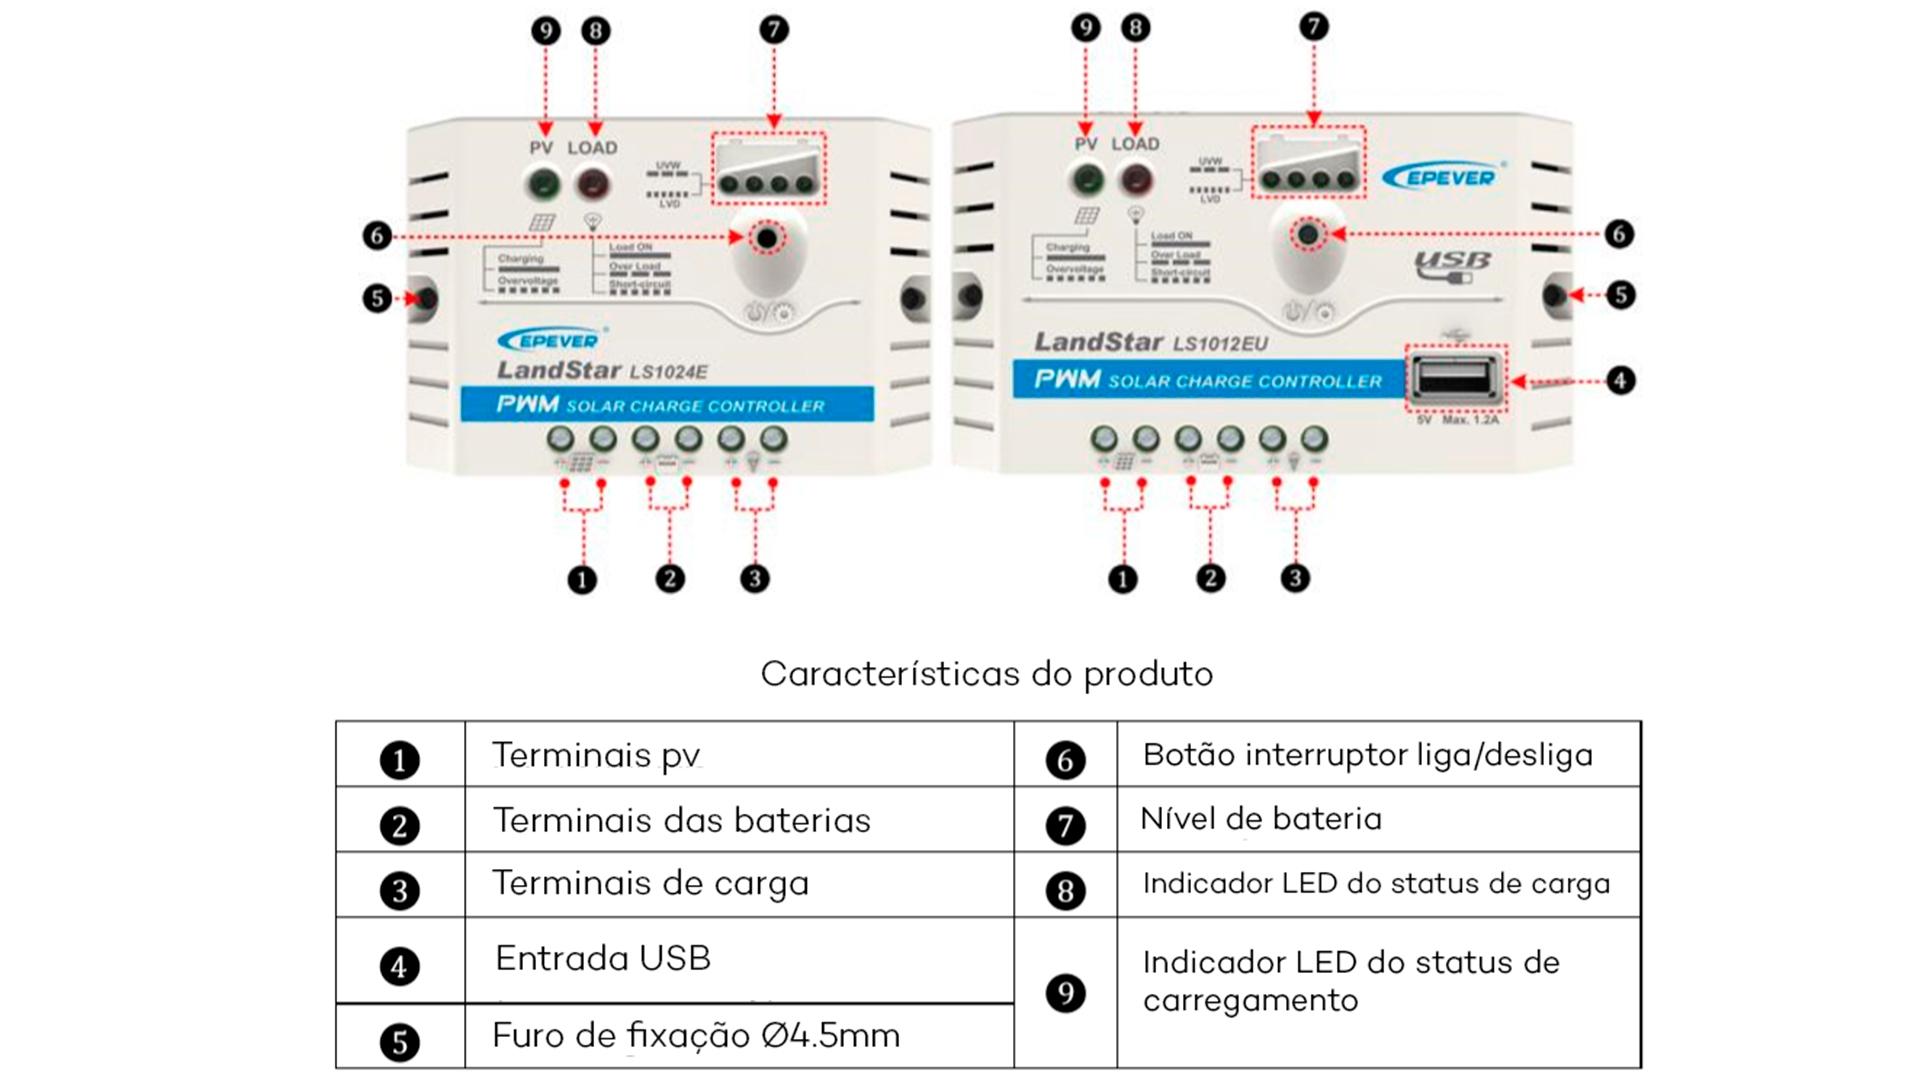 Visão Geral dos Componentes do controlador de Carga Landstar Série E/EU